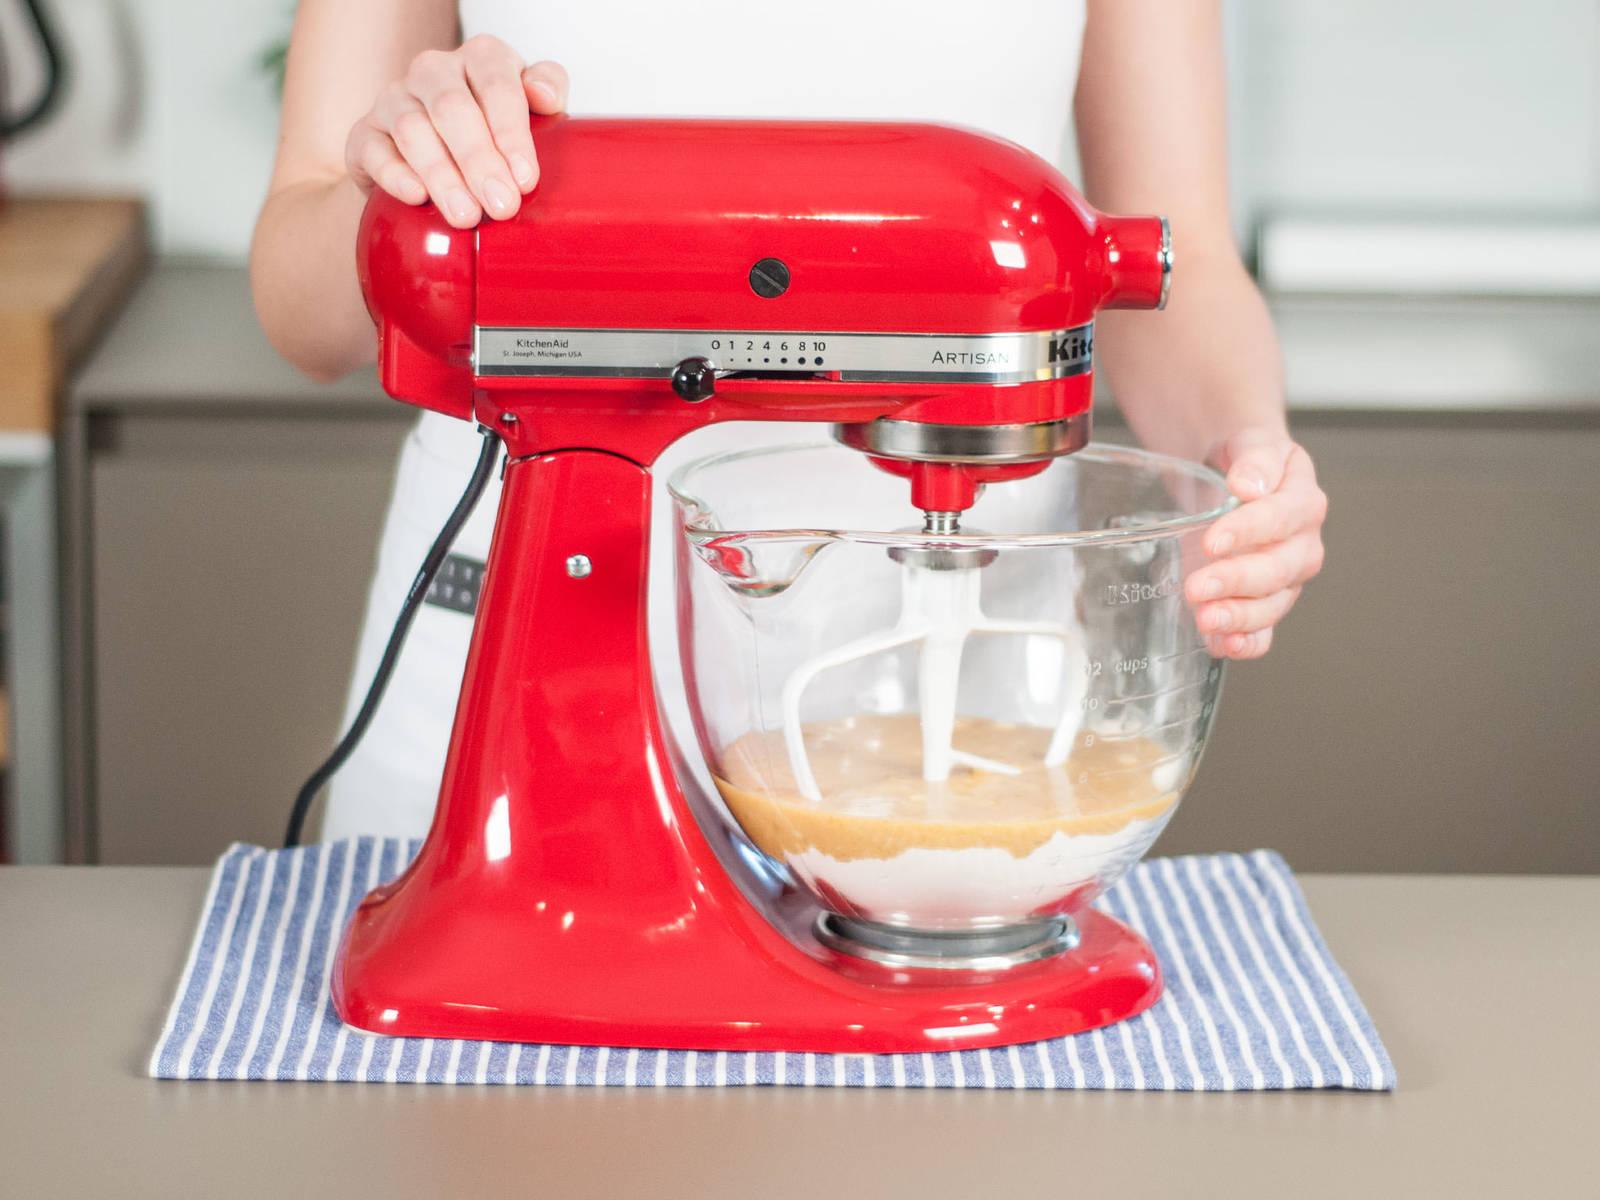 将鸡蛋乳酪混合物加入搅拌机,搅拌均匀。